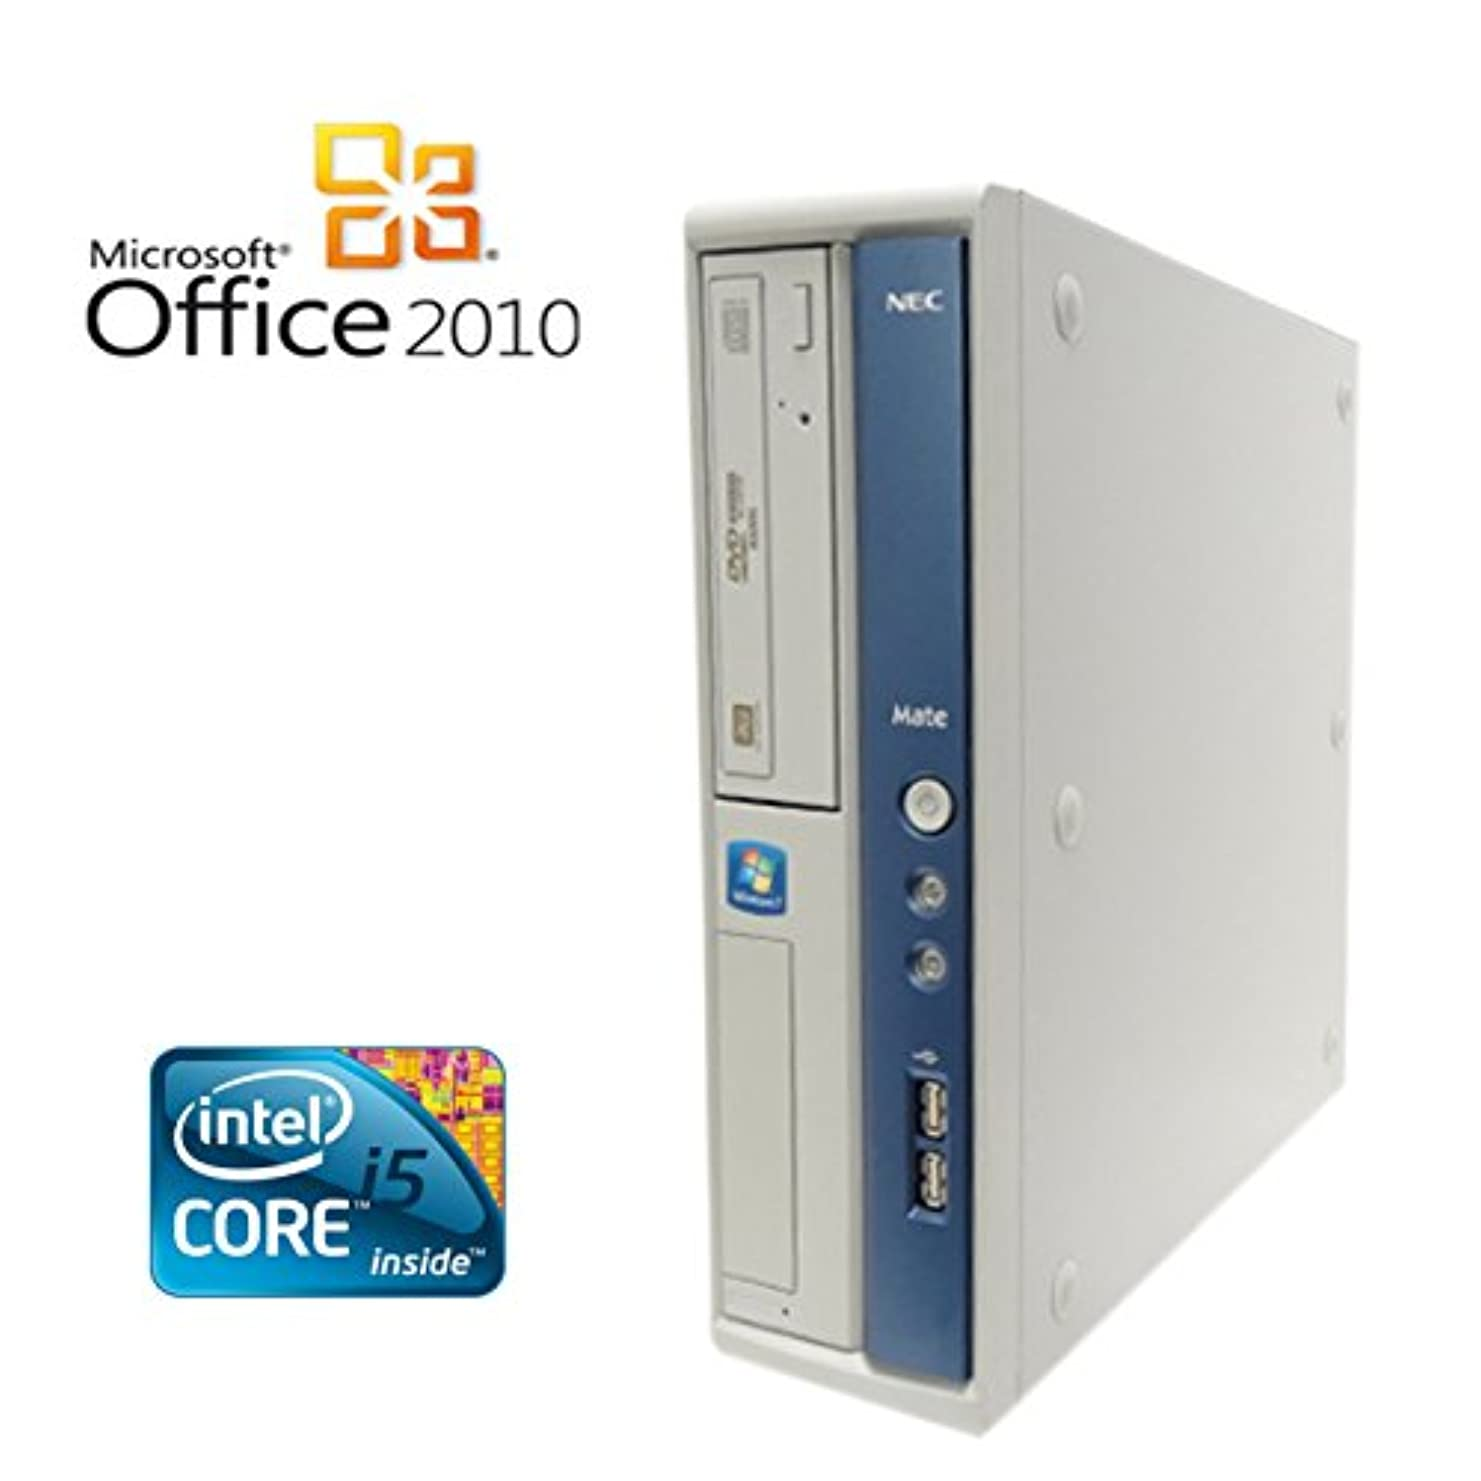 山岳冊子騒乱【Microsoft Office2010搭載】【Win 7搭載】NEC Express 5800 51Lg/新世代Core i5 3.2GHz/メモリ4GB/HDD160GB/DVDスーパーマルチ/中古デスクトップパソコン (パソコン本体のみ)